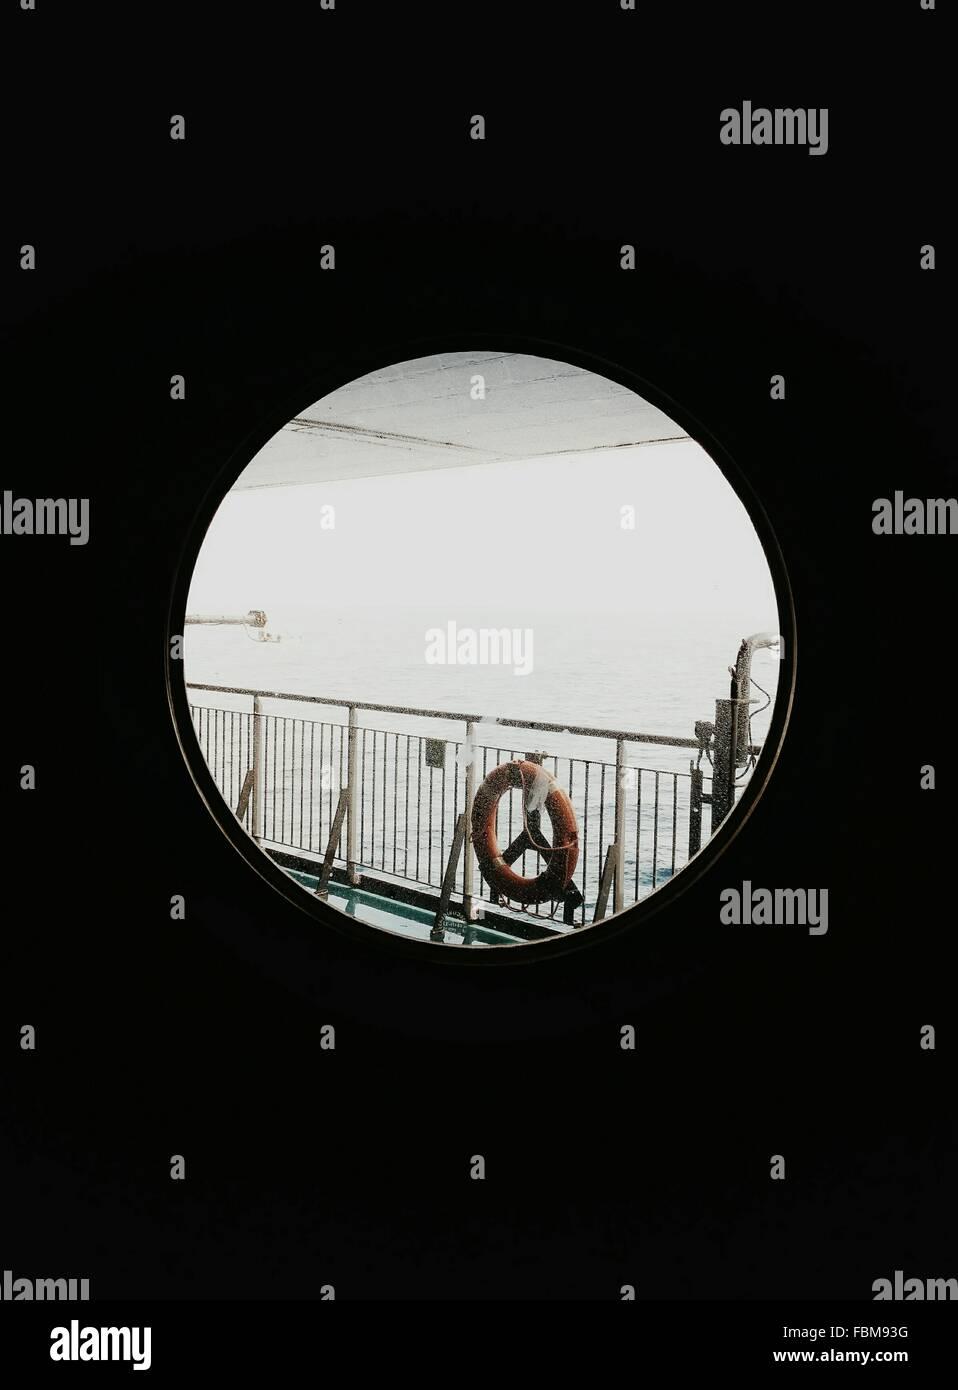 Vista di anello di sicurezza sulla ringhiera se finestra rotonda Immagini Stock